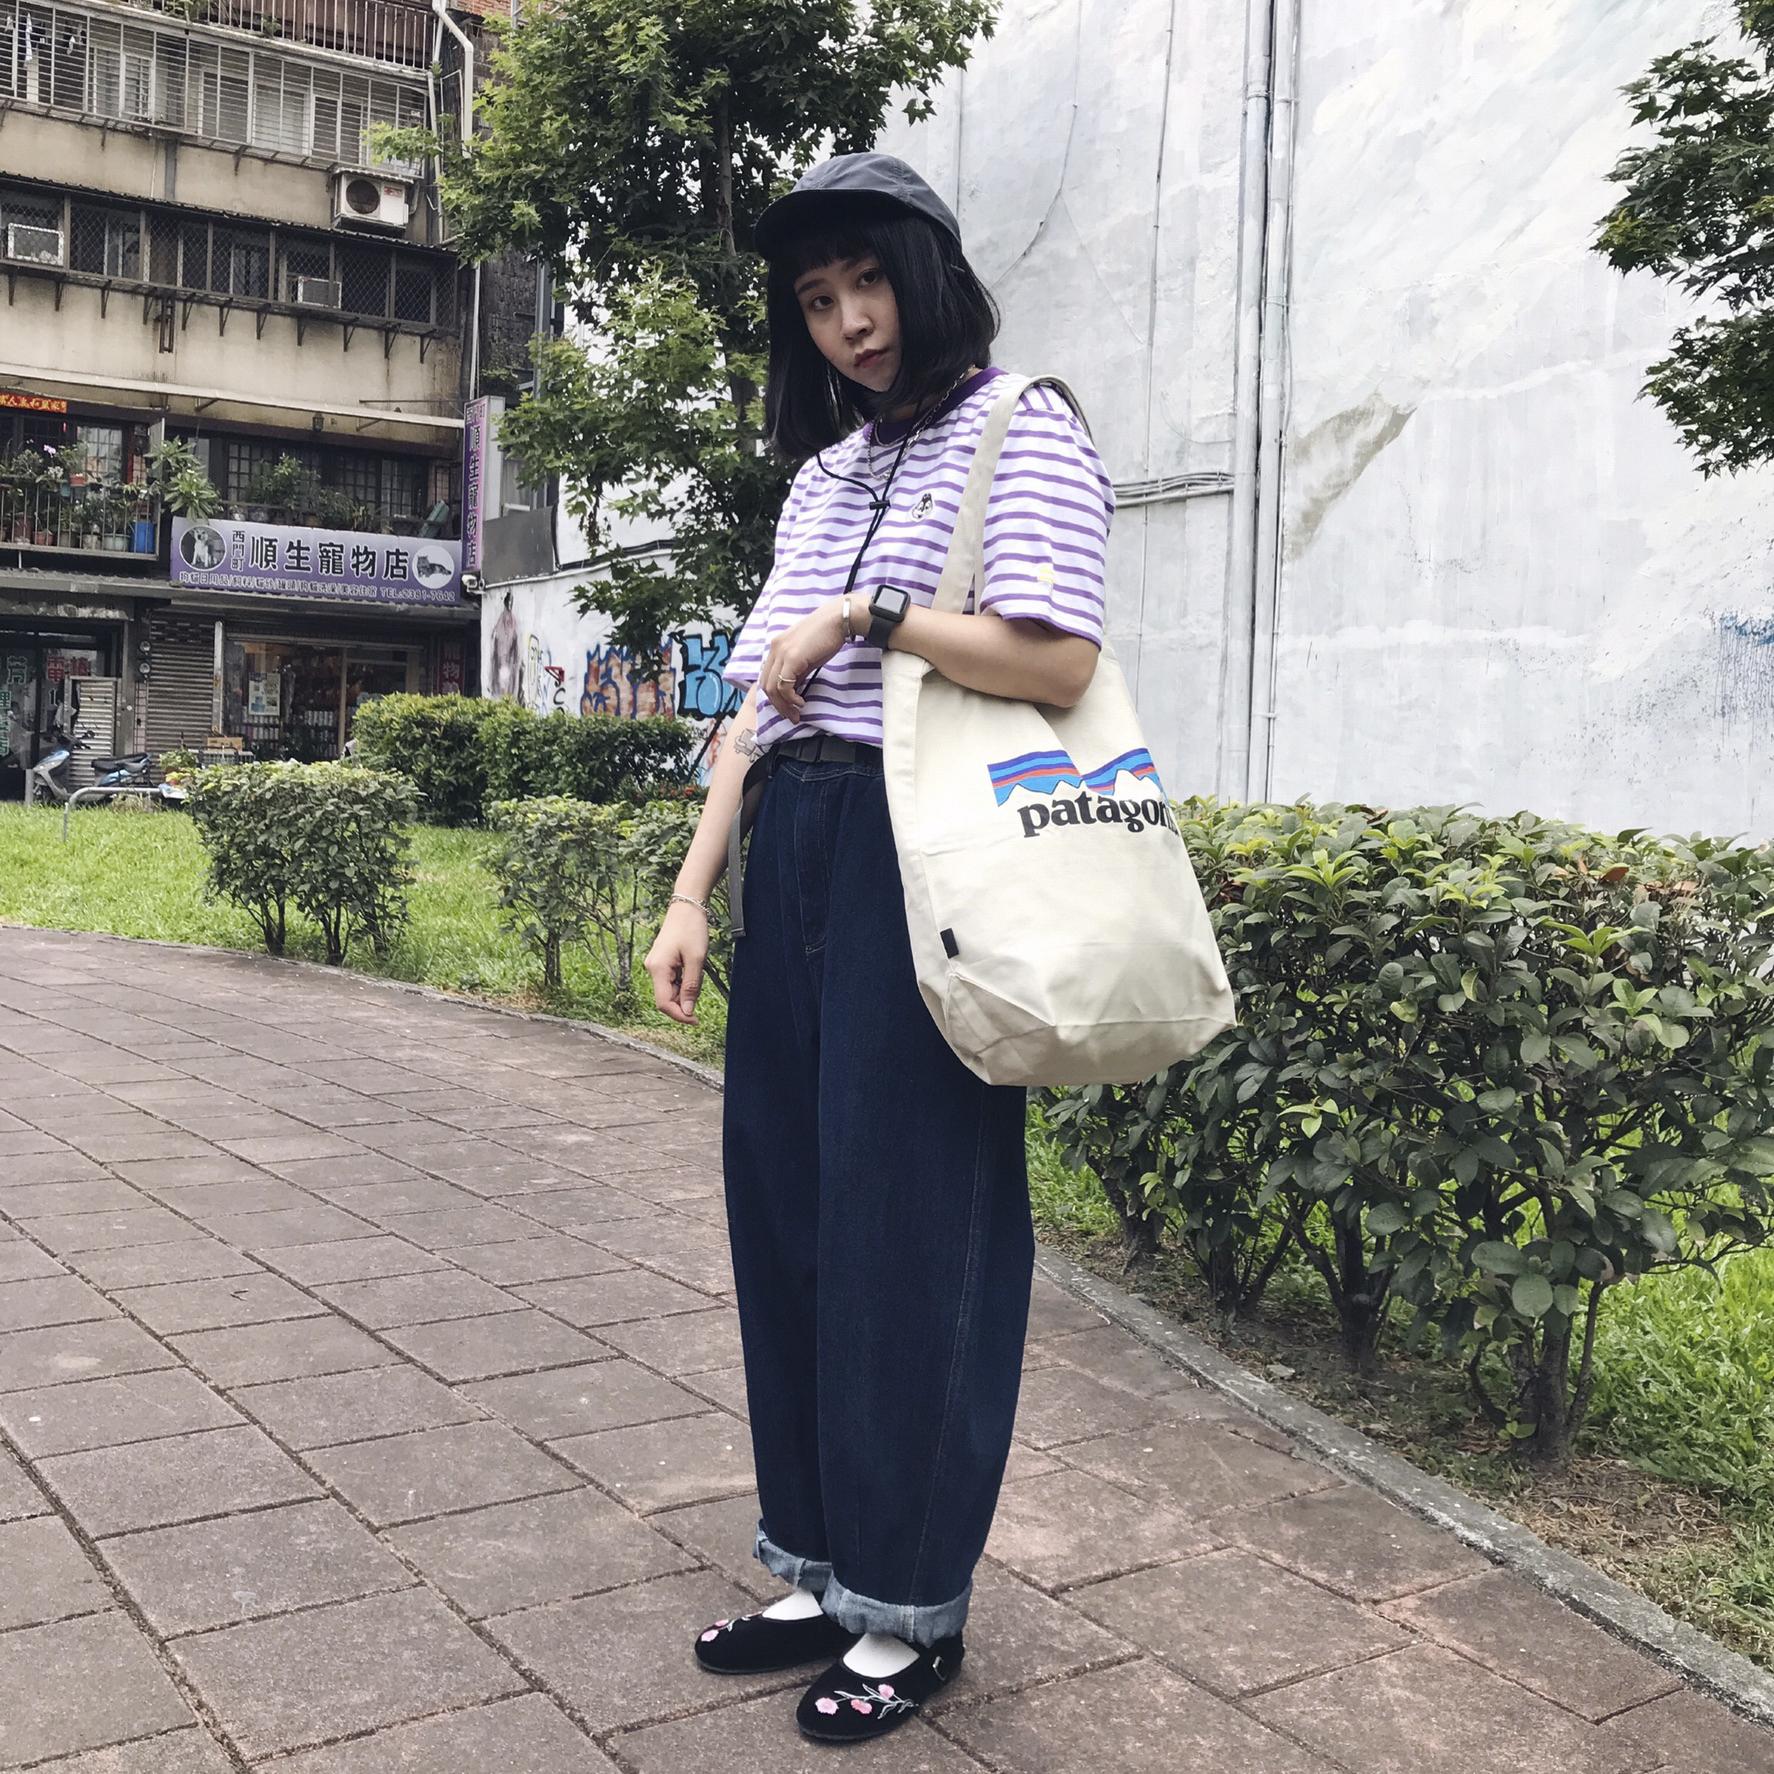 繡花鞋穿搭,平底鞋穿搭,小花園,繡花鞋,合掌鞋,台灣傳統,娃娃鞋,平底鞋,Embroider Shoes